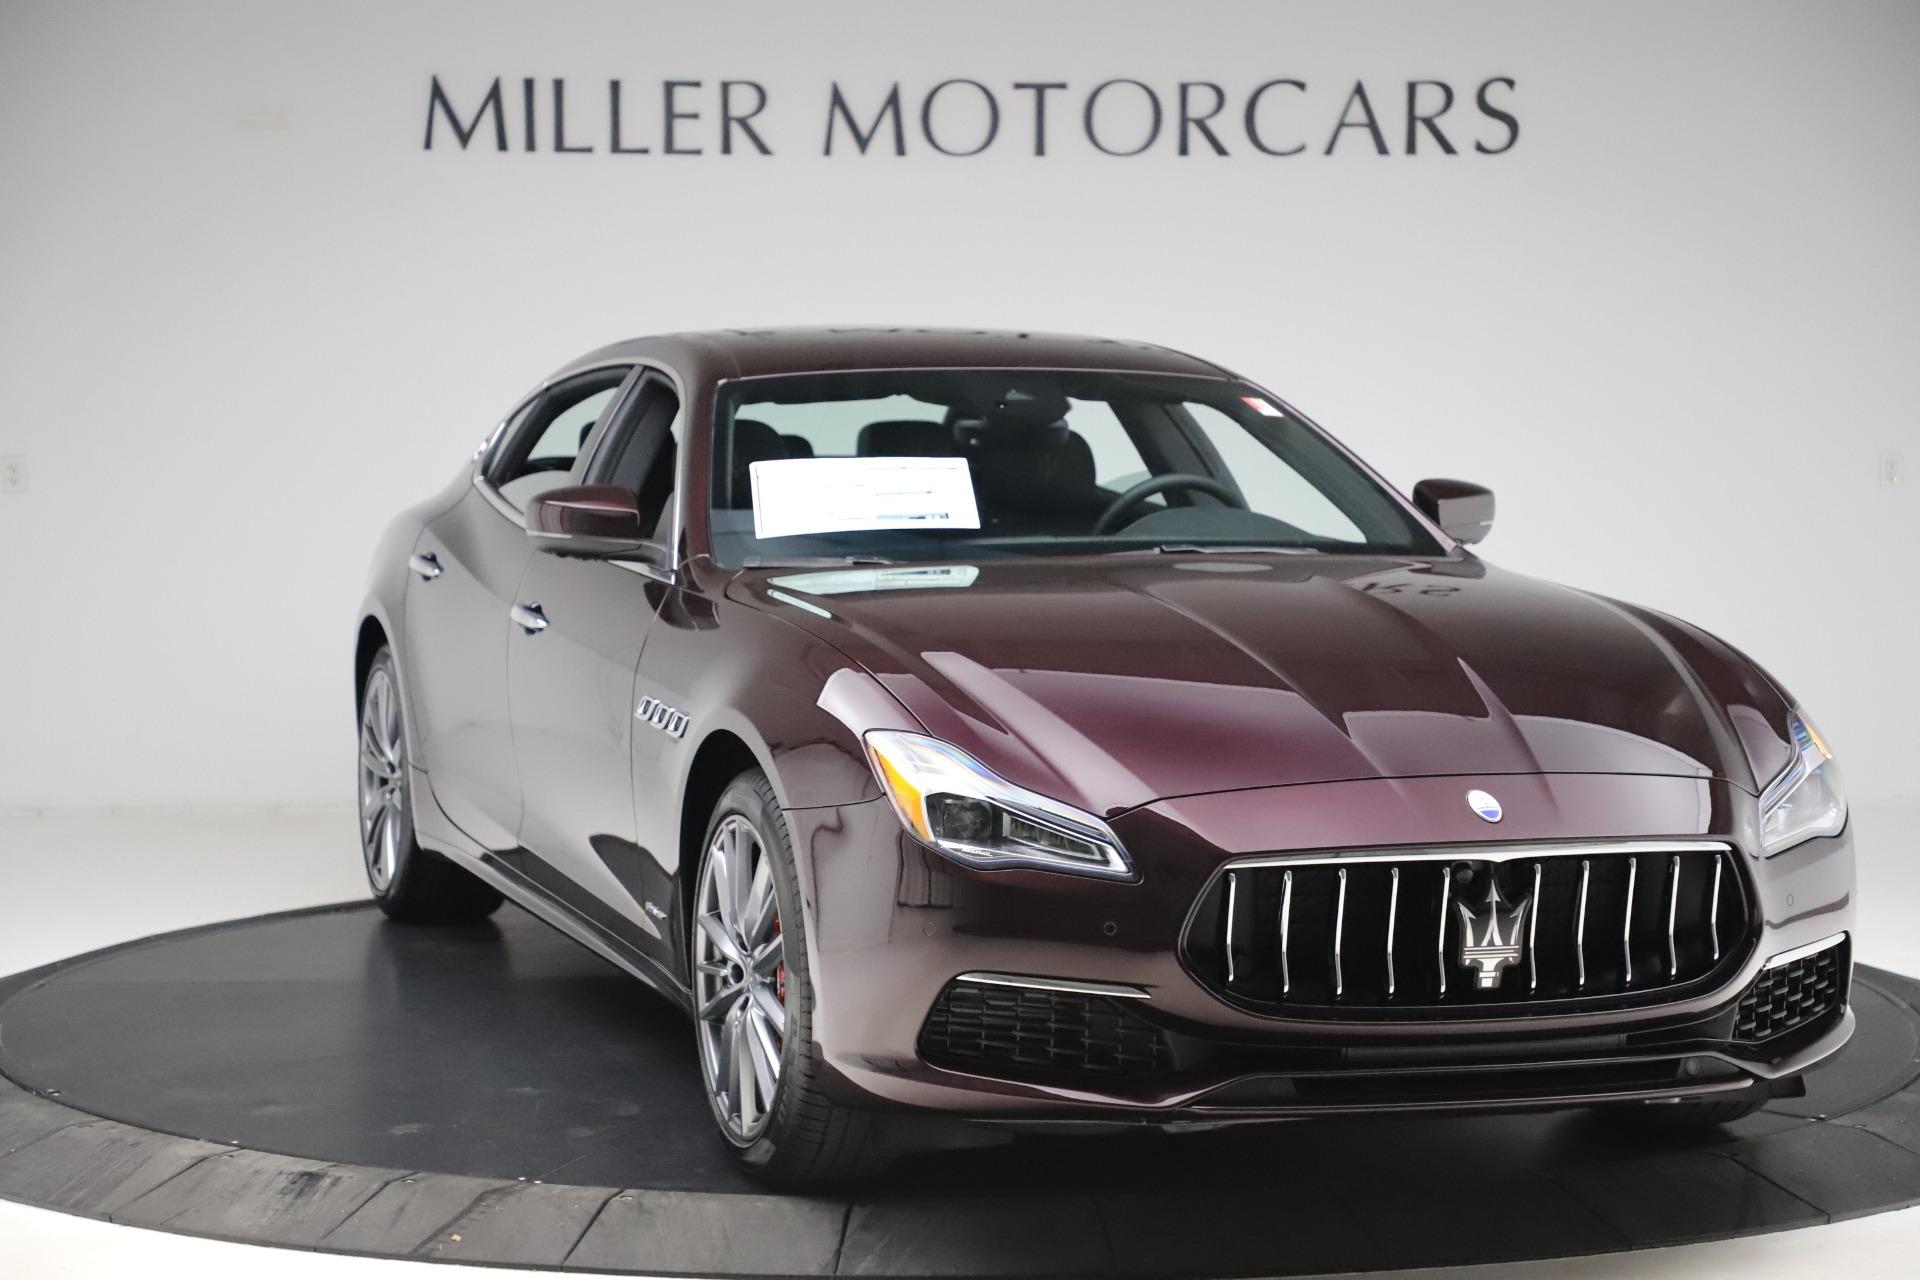 New 2020 Maserati Quattroporte S Q4 GranLusso For Sale $119,235   Ferrari of Greenwich Stock #M2402